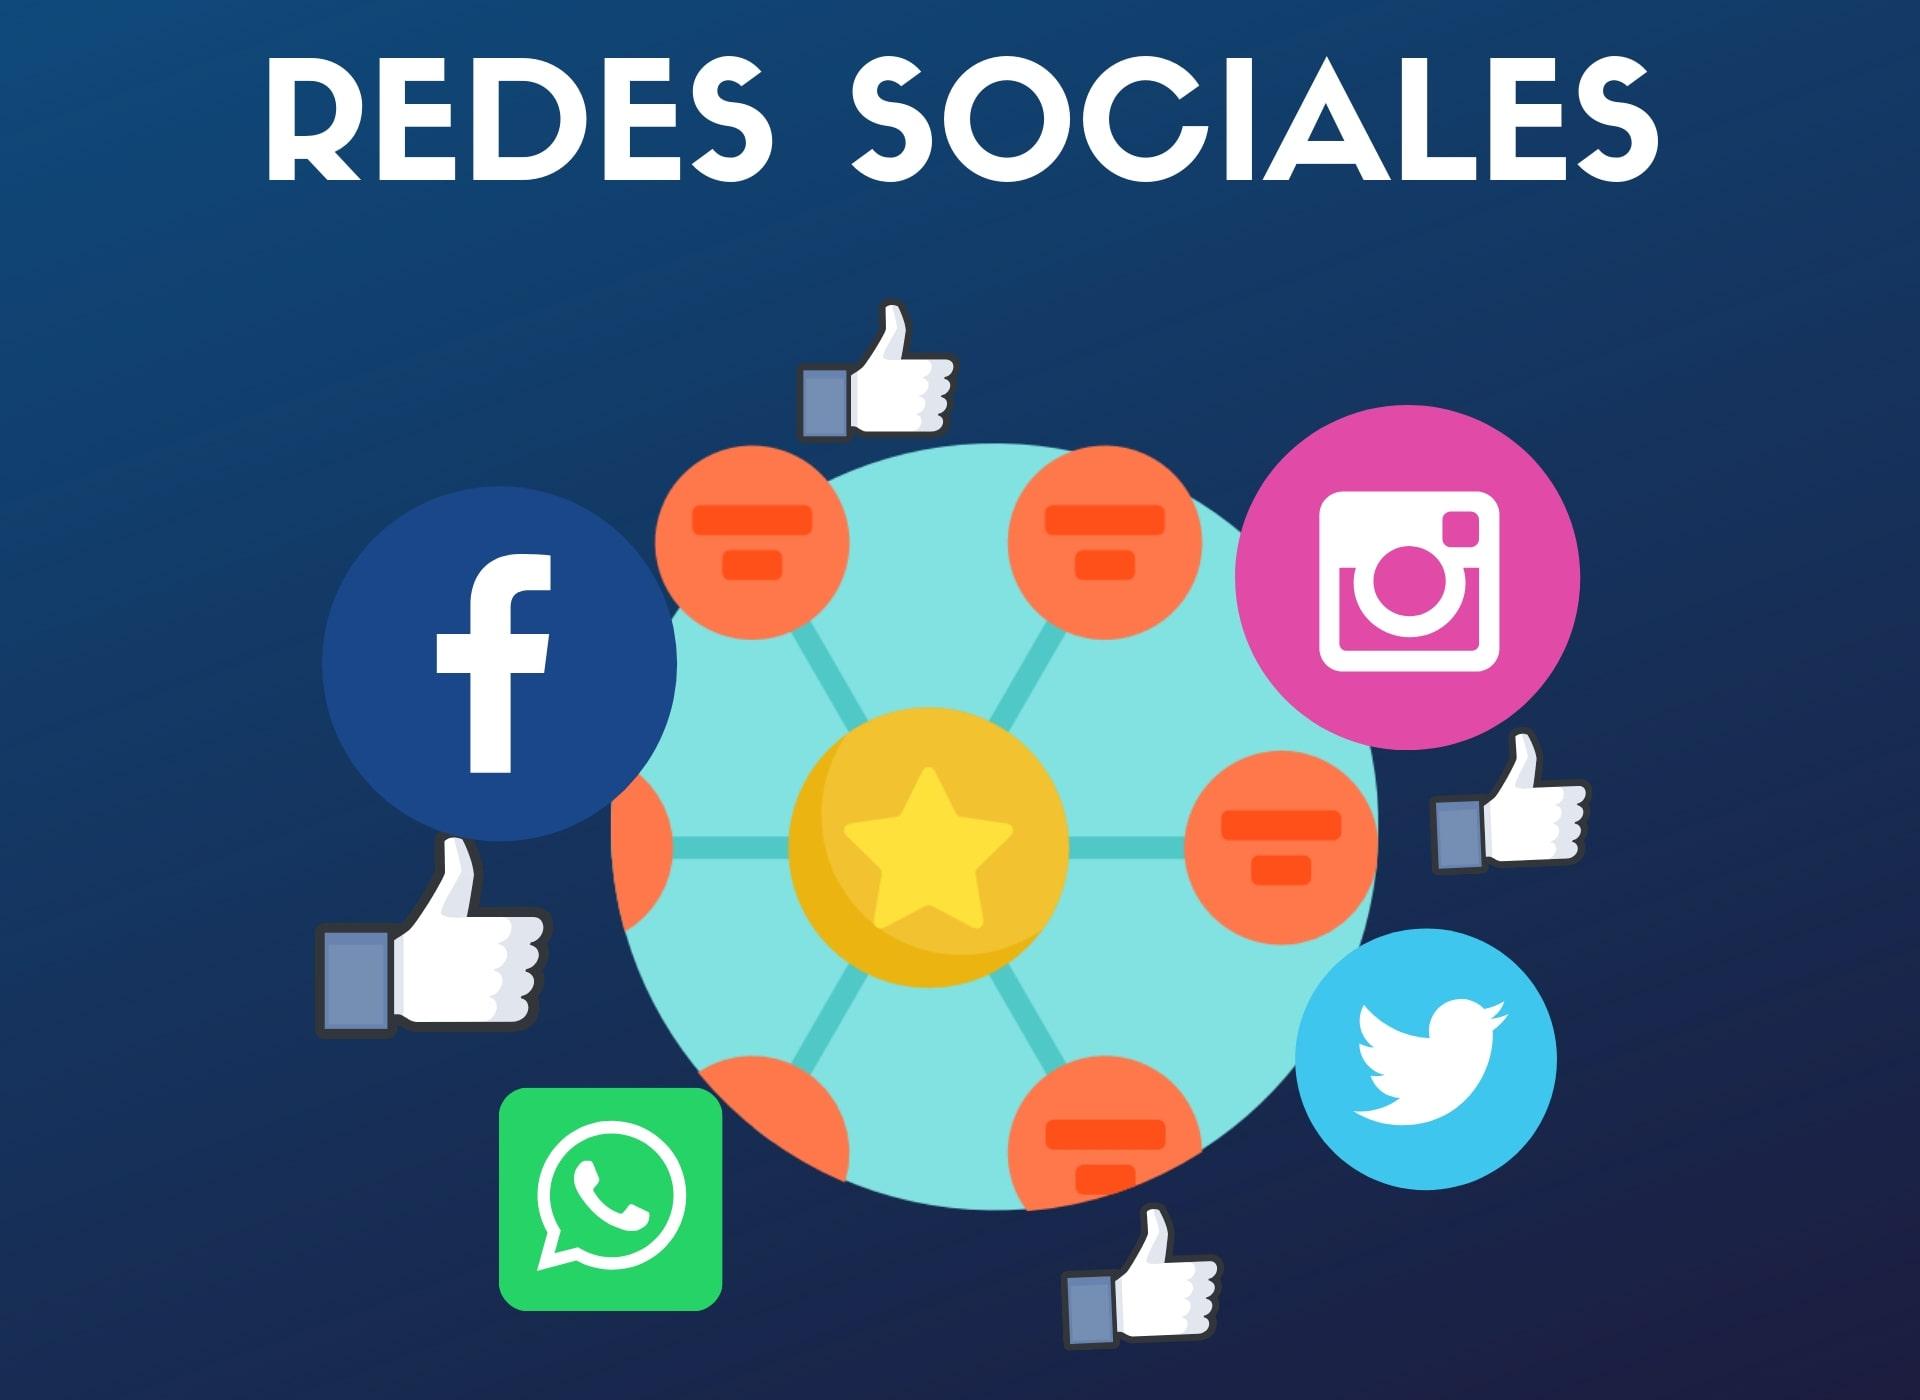 Curso básico de redes sociales